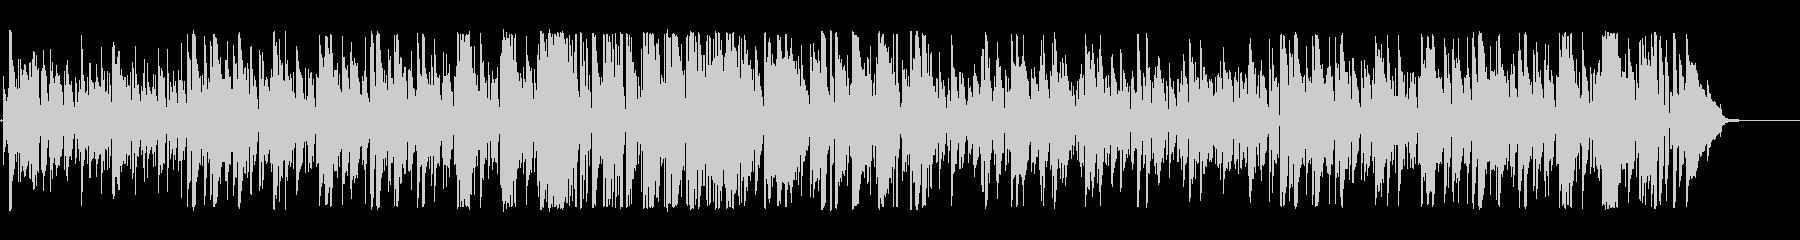 ボサノバ センチメンタル 感情的 ...の未再生の波形